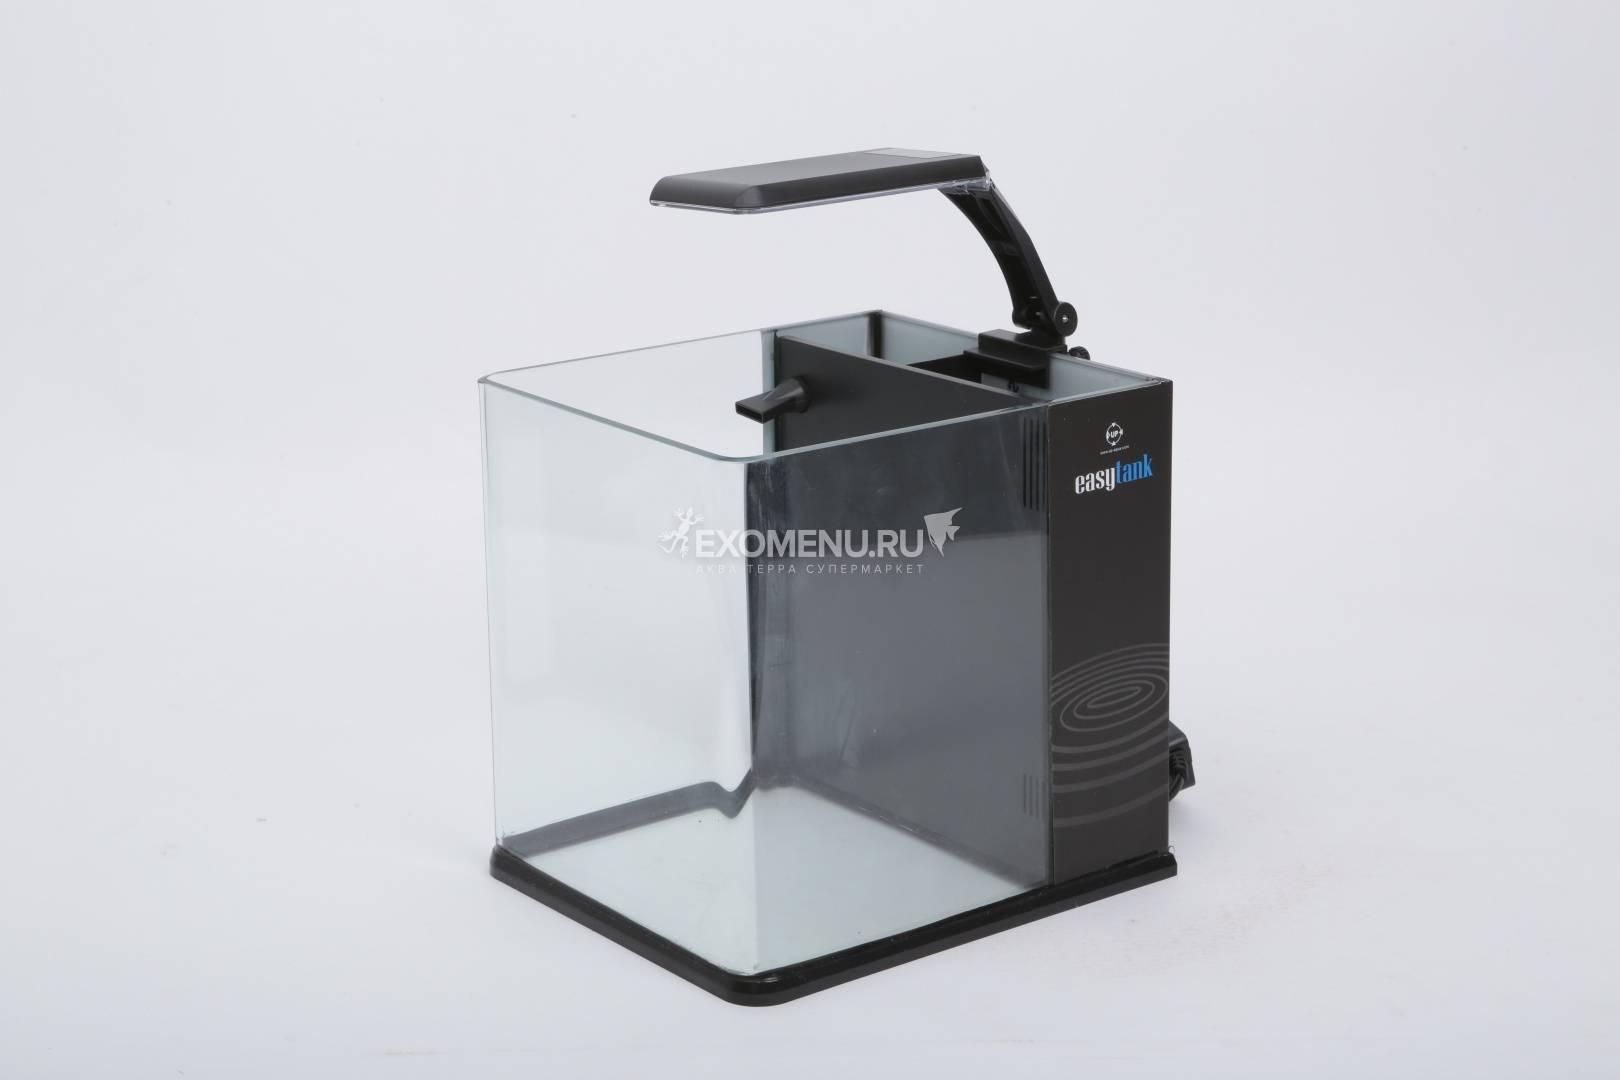 Аквариум UpAqua Easy Tank 20B, 10 литров со светильником, помпой и наполнителем, черный, 20х23х22 см